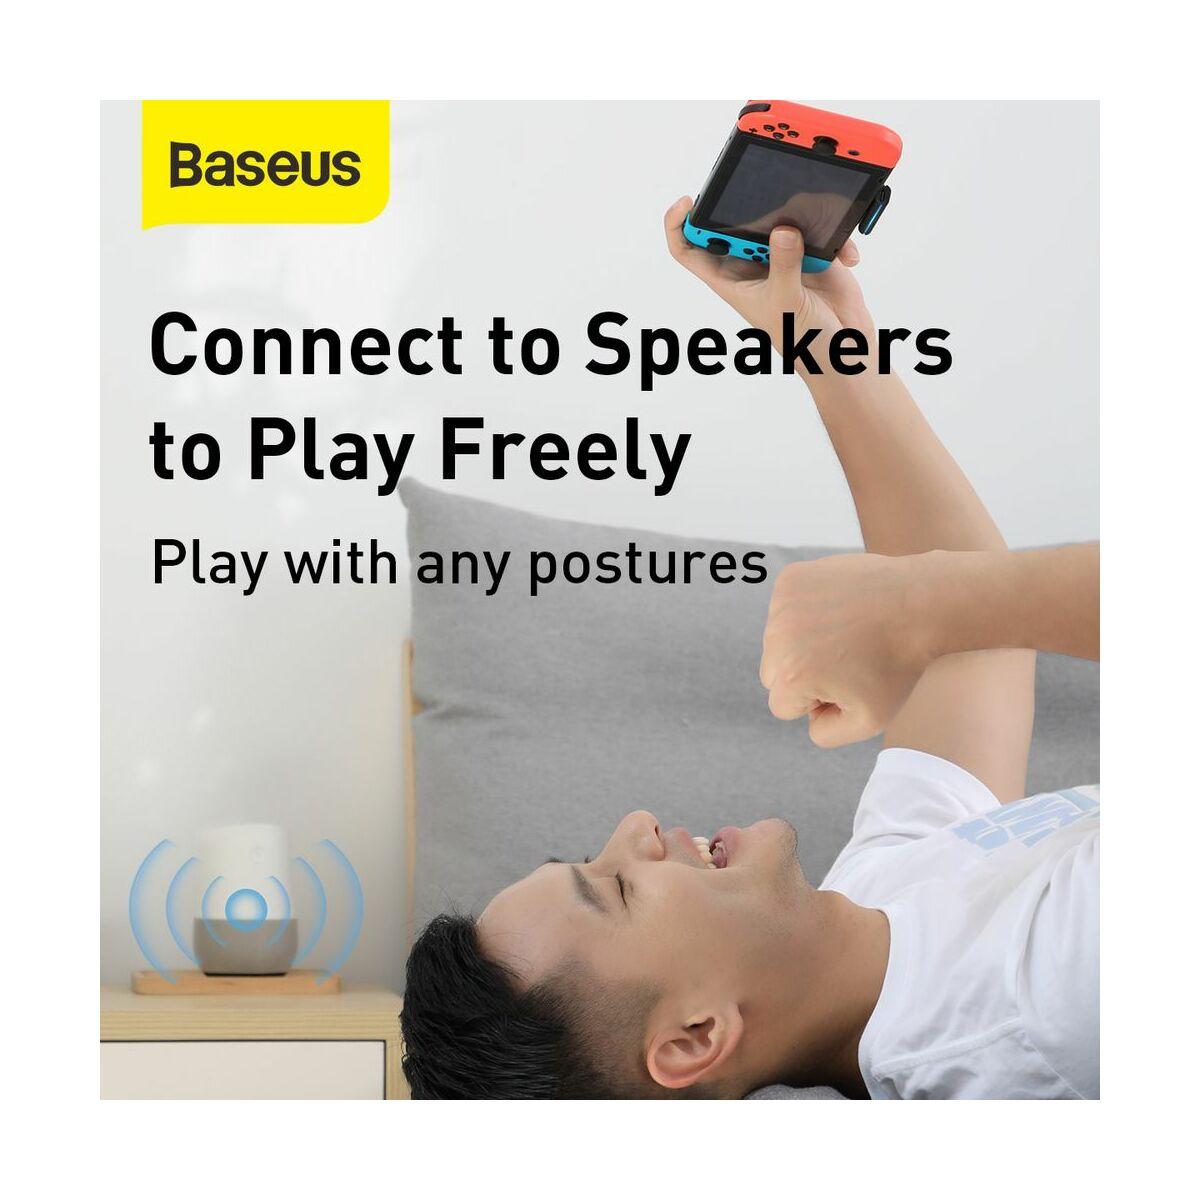 Baseus játék eszköz, Nintendo Switch, GAMO BA05 Bluetooth adapter, Type-C, fekete (NGBA05-01)